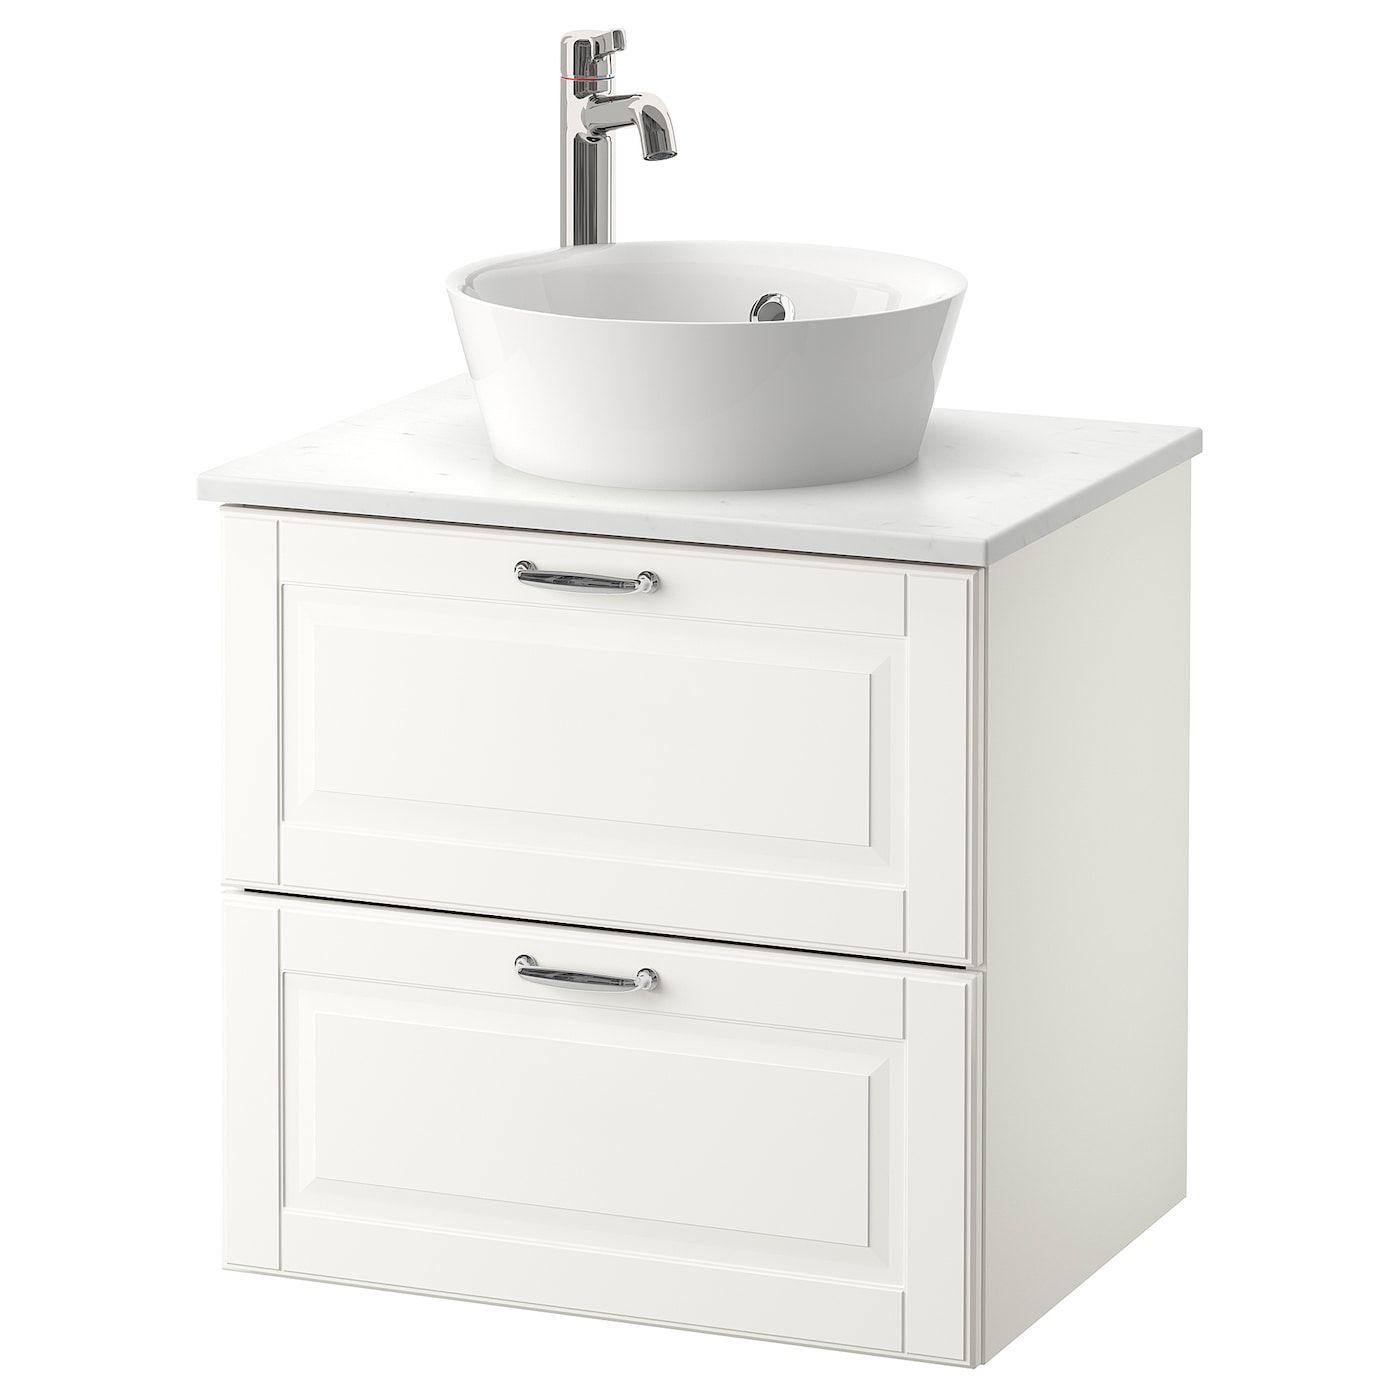 Godmorgon Tolken Kattevik Sink Cabinet With Top 15 Sink